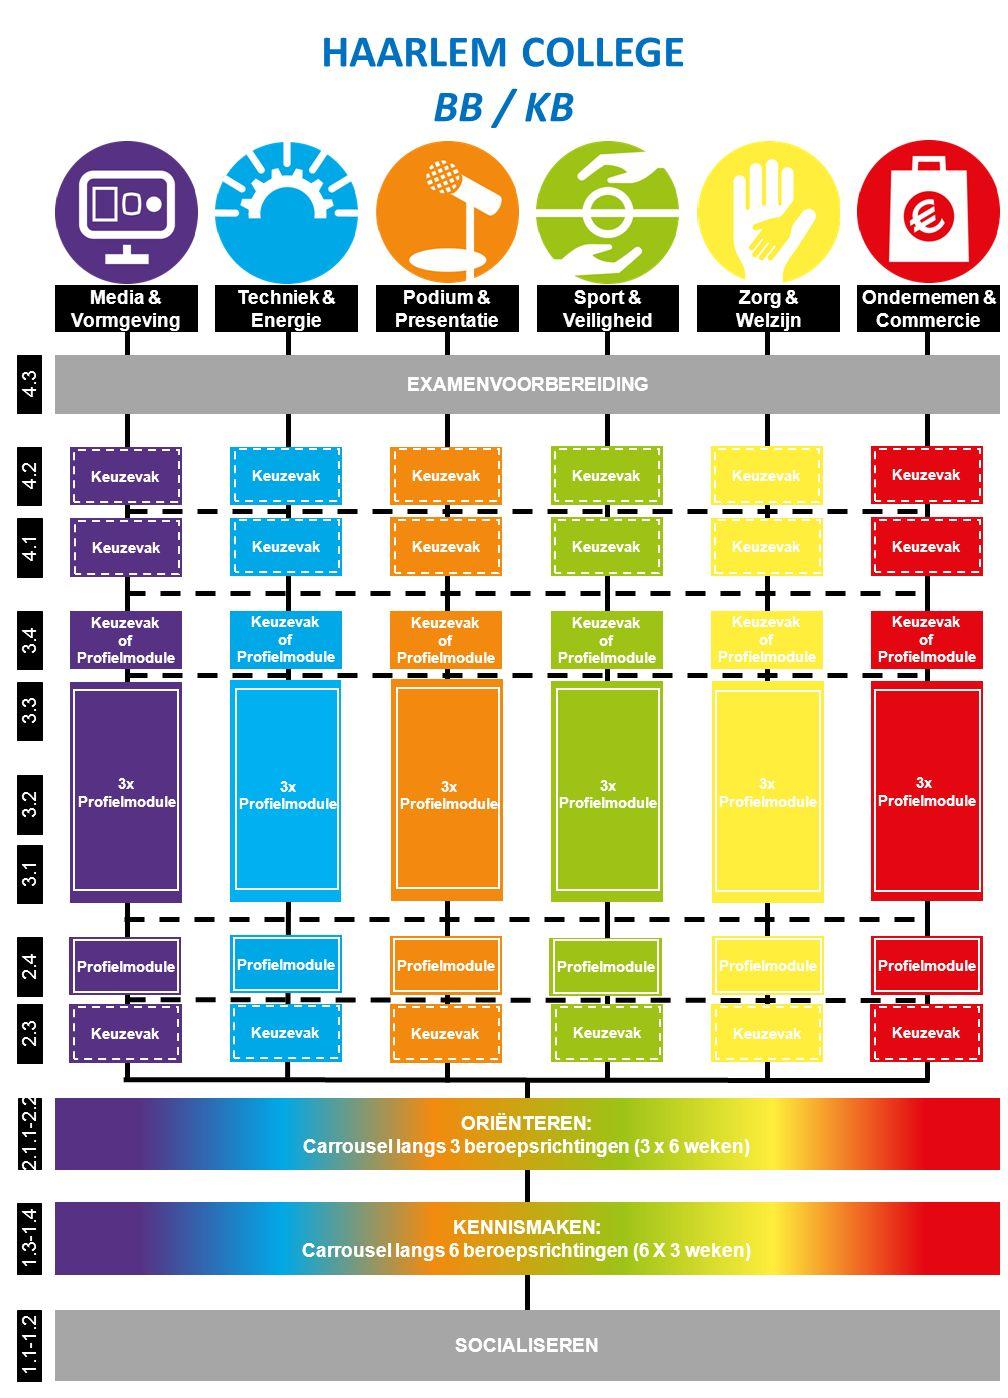 HAARLEM COLLEGE BB / KB Media & Vormgeving Techniek & Energie Podium &